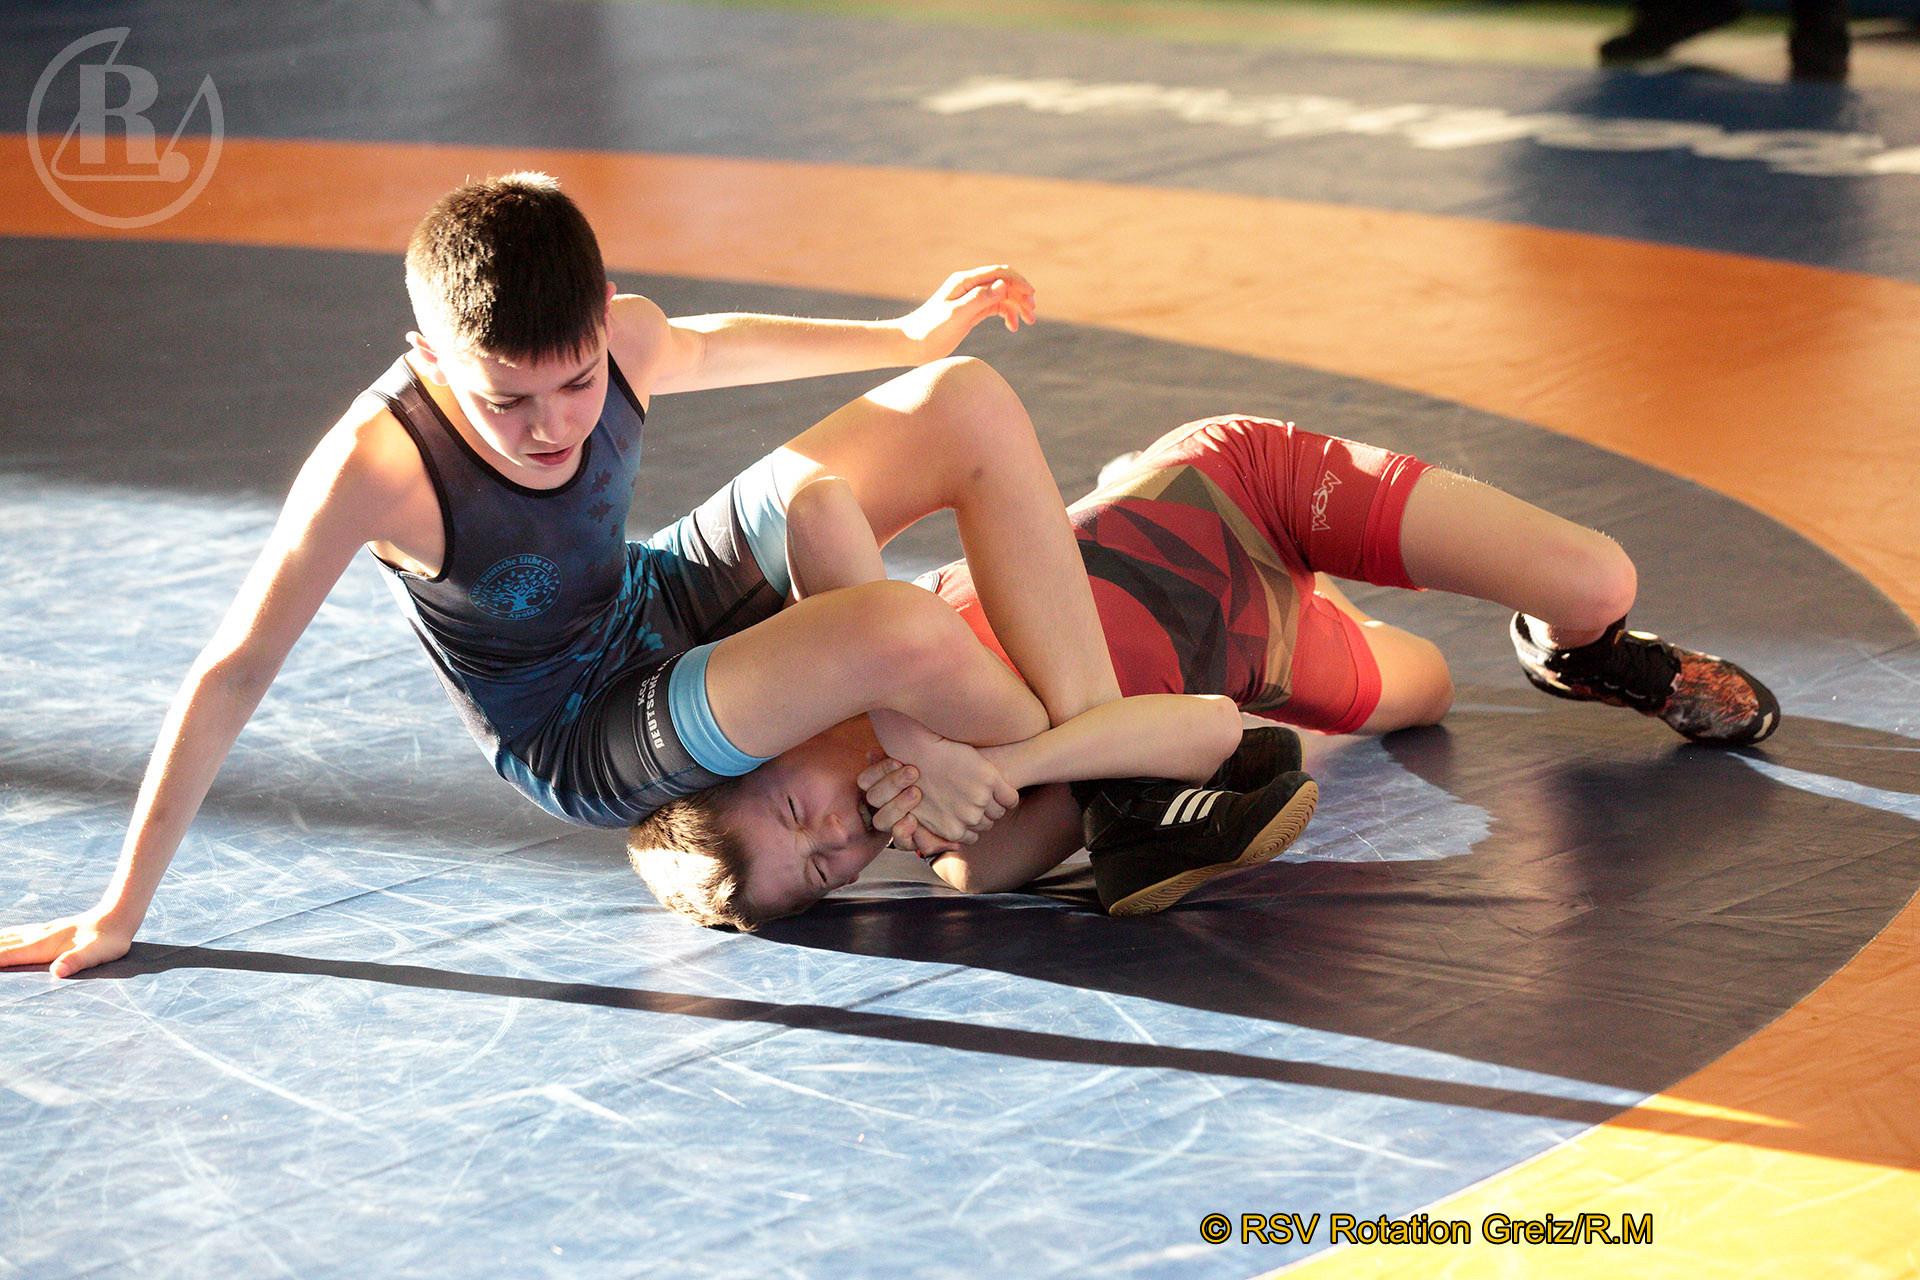 Thüringer Titelkämpfe der Ringer im Freistil in Apolda